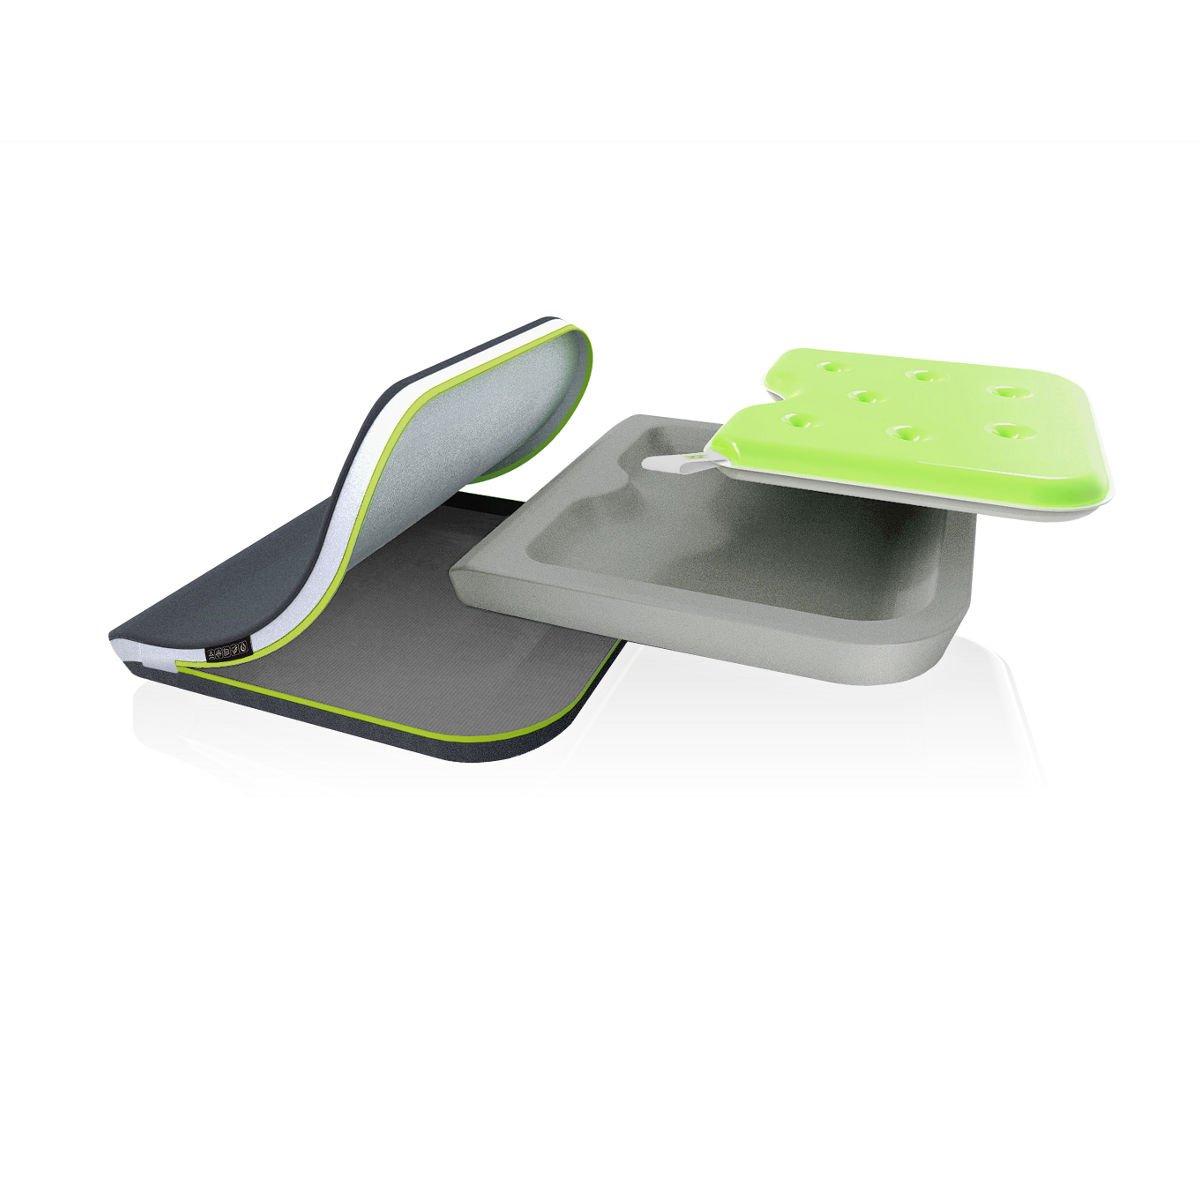 Amovida Motion Comfort+ Anti-Dekubitus Kissen 45x45 cm